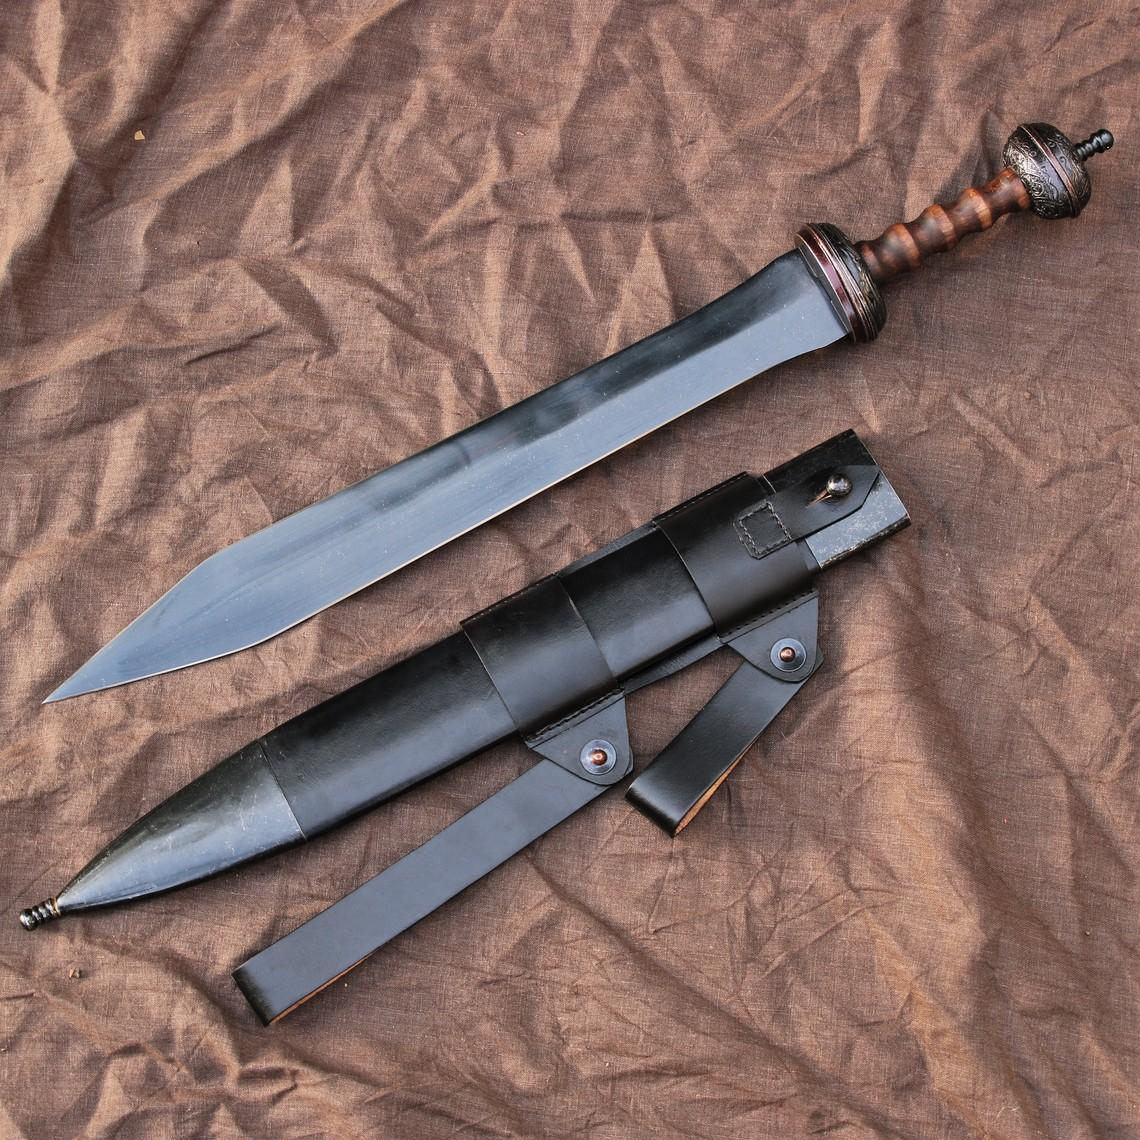 Windlass Steelcrafts Centurion gladius